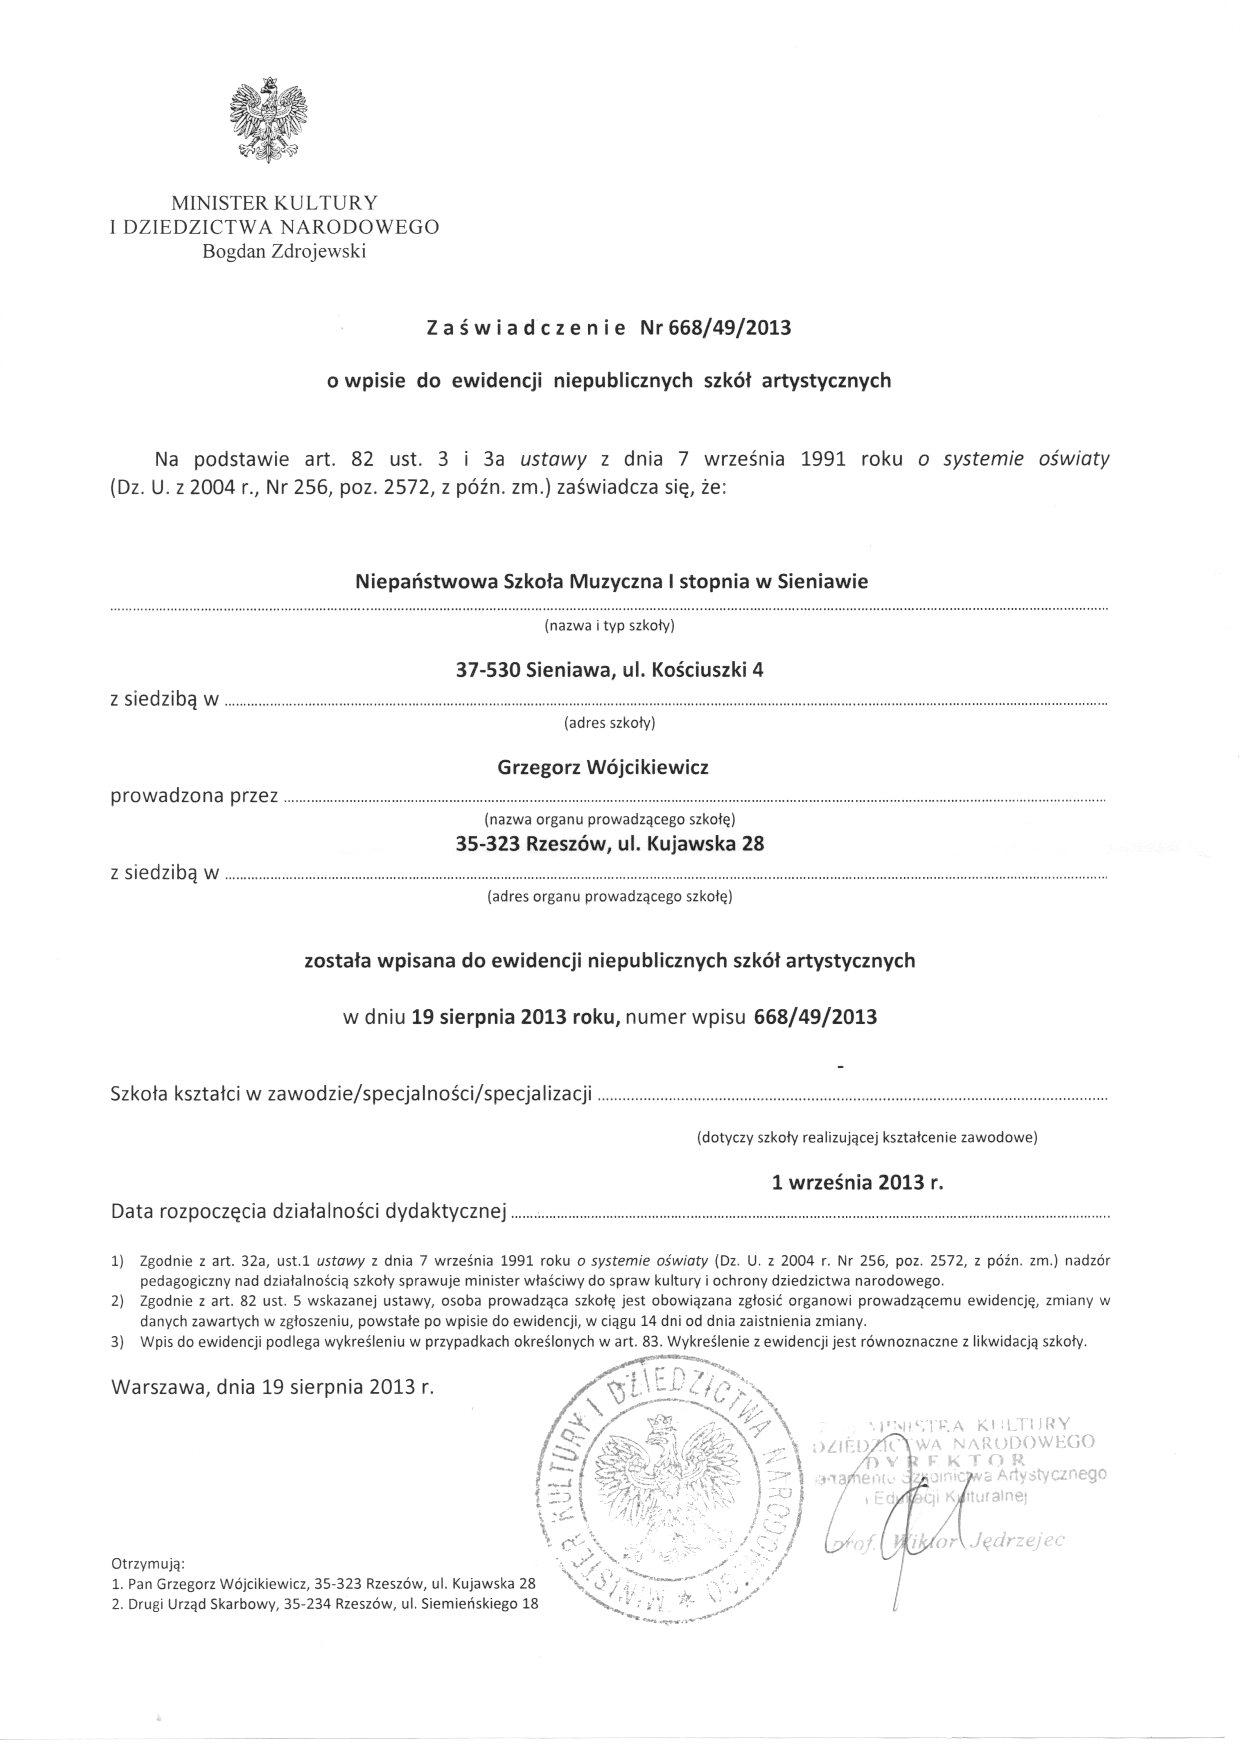 Zaświadczenie o wpisie do ewidencji szkół - NSM I st. w Sieniawie